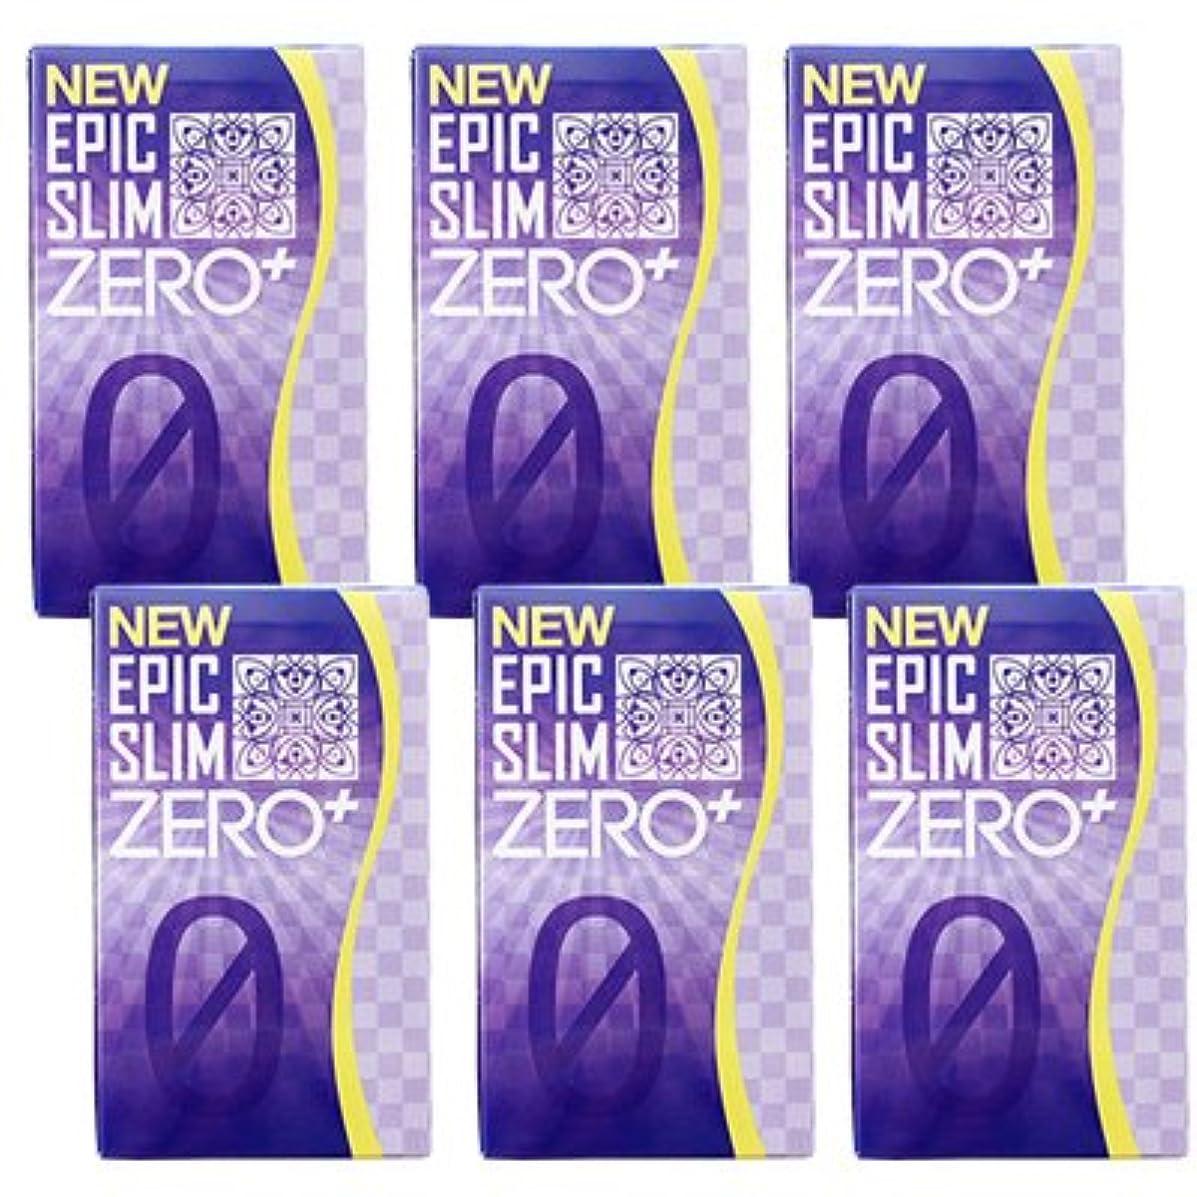 ビット分析的なバンクNEW エピックスリム ゼロ+ 6個セット NEW Epic Slim ZERO PLUS